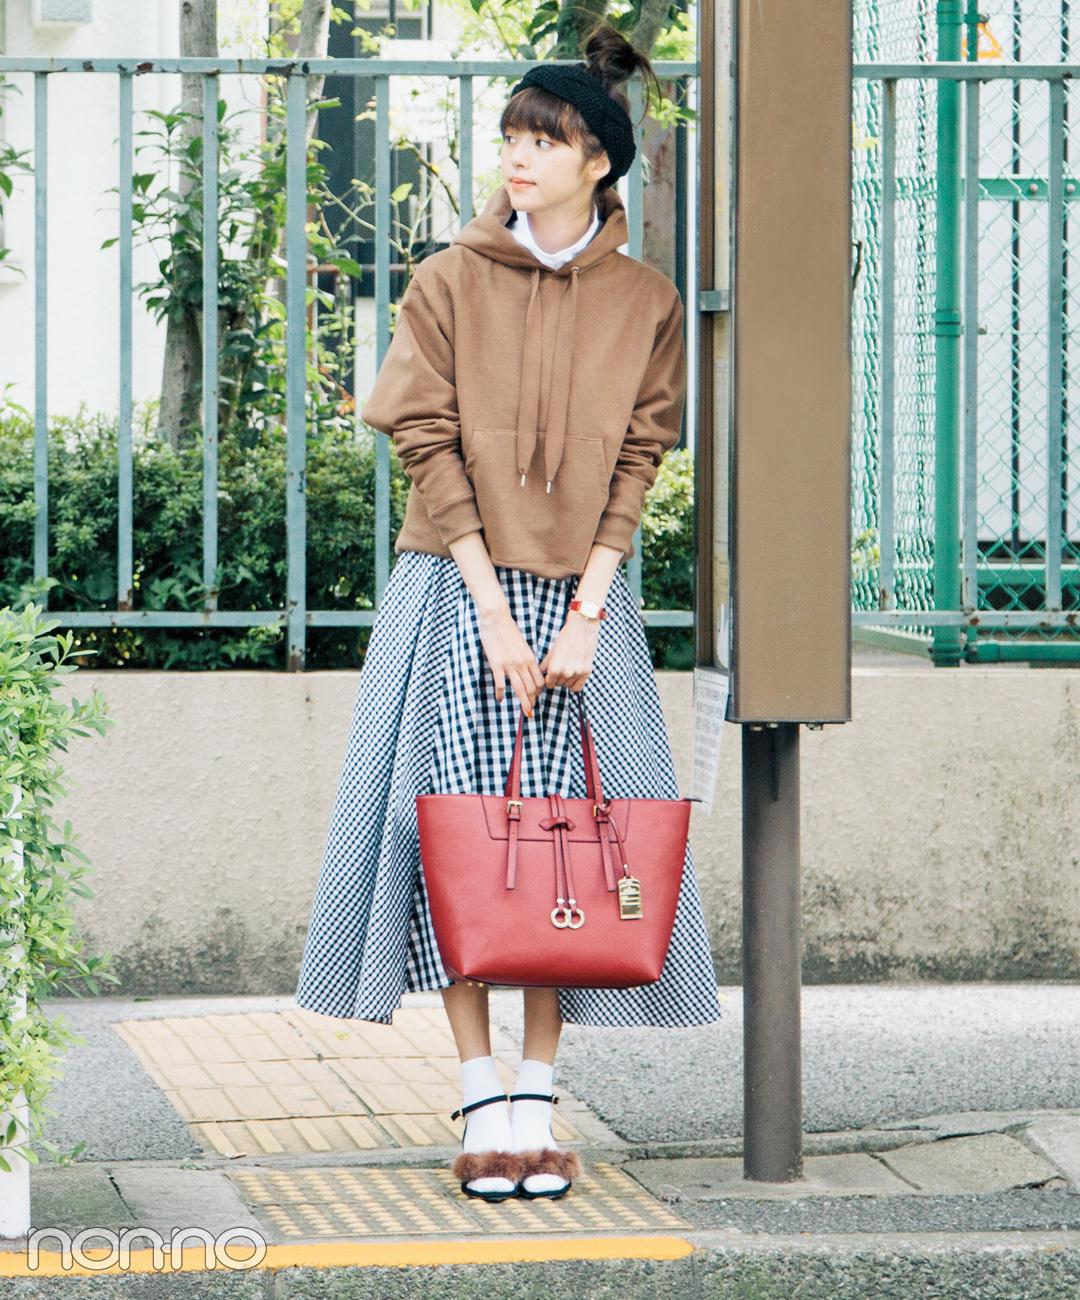 パーカとフレアスカートで好感度高めな秋の通学コーデ【毎日コーデ】